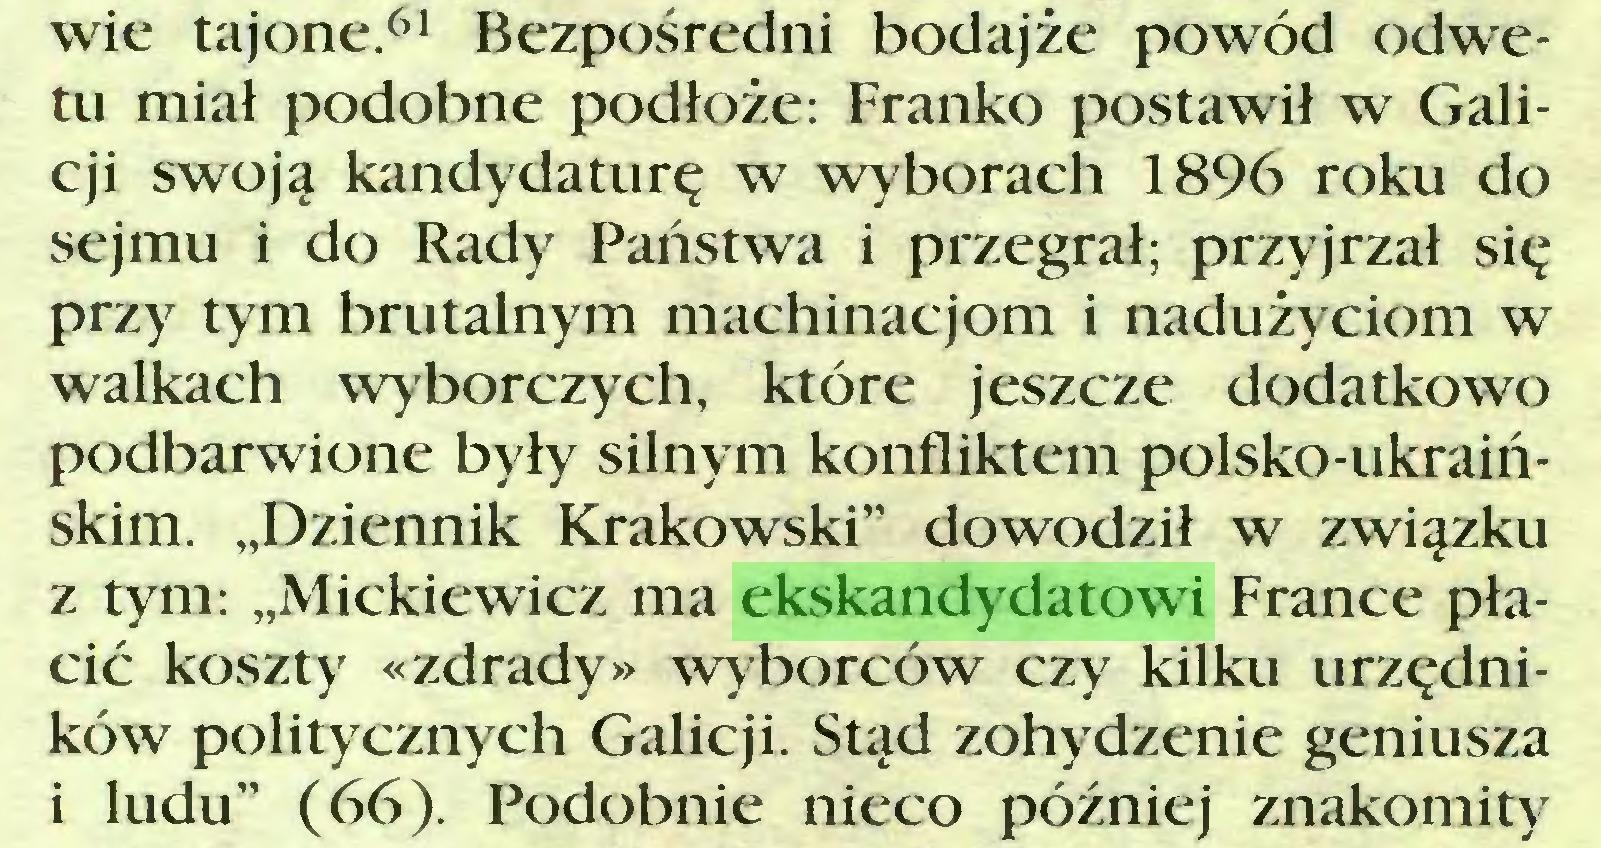 """(...) wie tajone.61 Bezpośredni bodajże powód odwetu miał podobne podłoże: Franko postawił w Galicji swoją kandydaturę w wyborach 1896 roku do sejmu i do Rady Państwa i przegrał; przyjrzał się przy tym brutalnym machinacjom i nadużyciom w walkach wyborczych, które jeszcze dodatkowo podbarwione były silnym konfliktem polsko-ukraińskim. """"Dziennik Krakowski"""" dowodził w związku z tym: """"Mickiewicz ma ekskandydatowi France płacić koszty «zdrady» wyborców czy kilku urzędników politycznych Galicji. Stąd zohydzenie geniusza i ludu"""" (66). Podobnie nieco później znakomity..."""